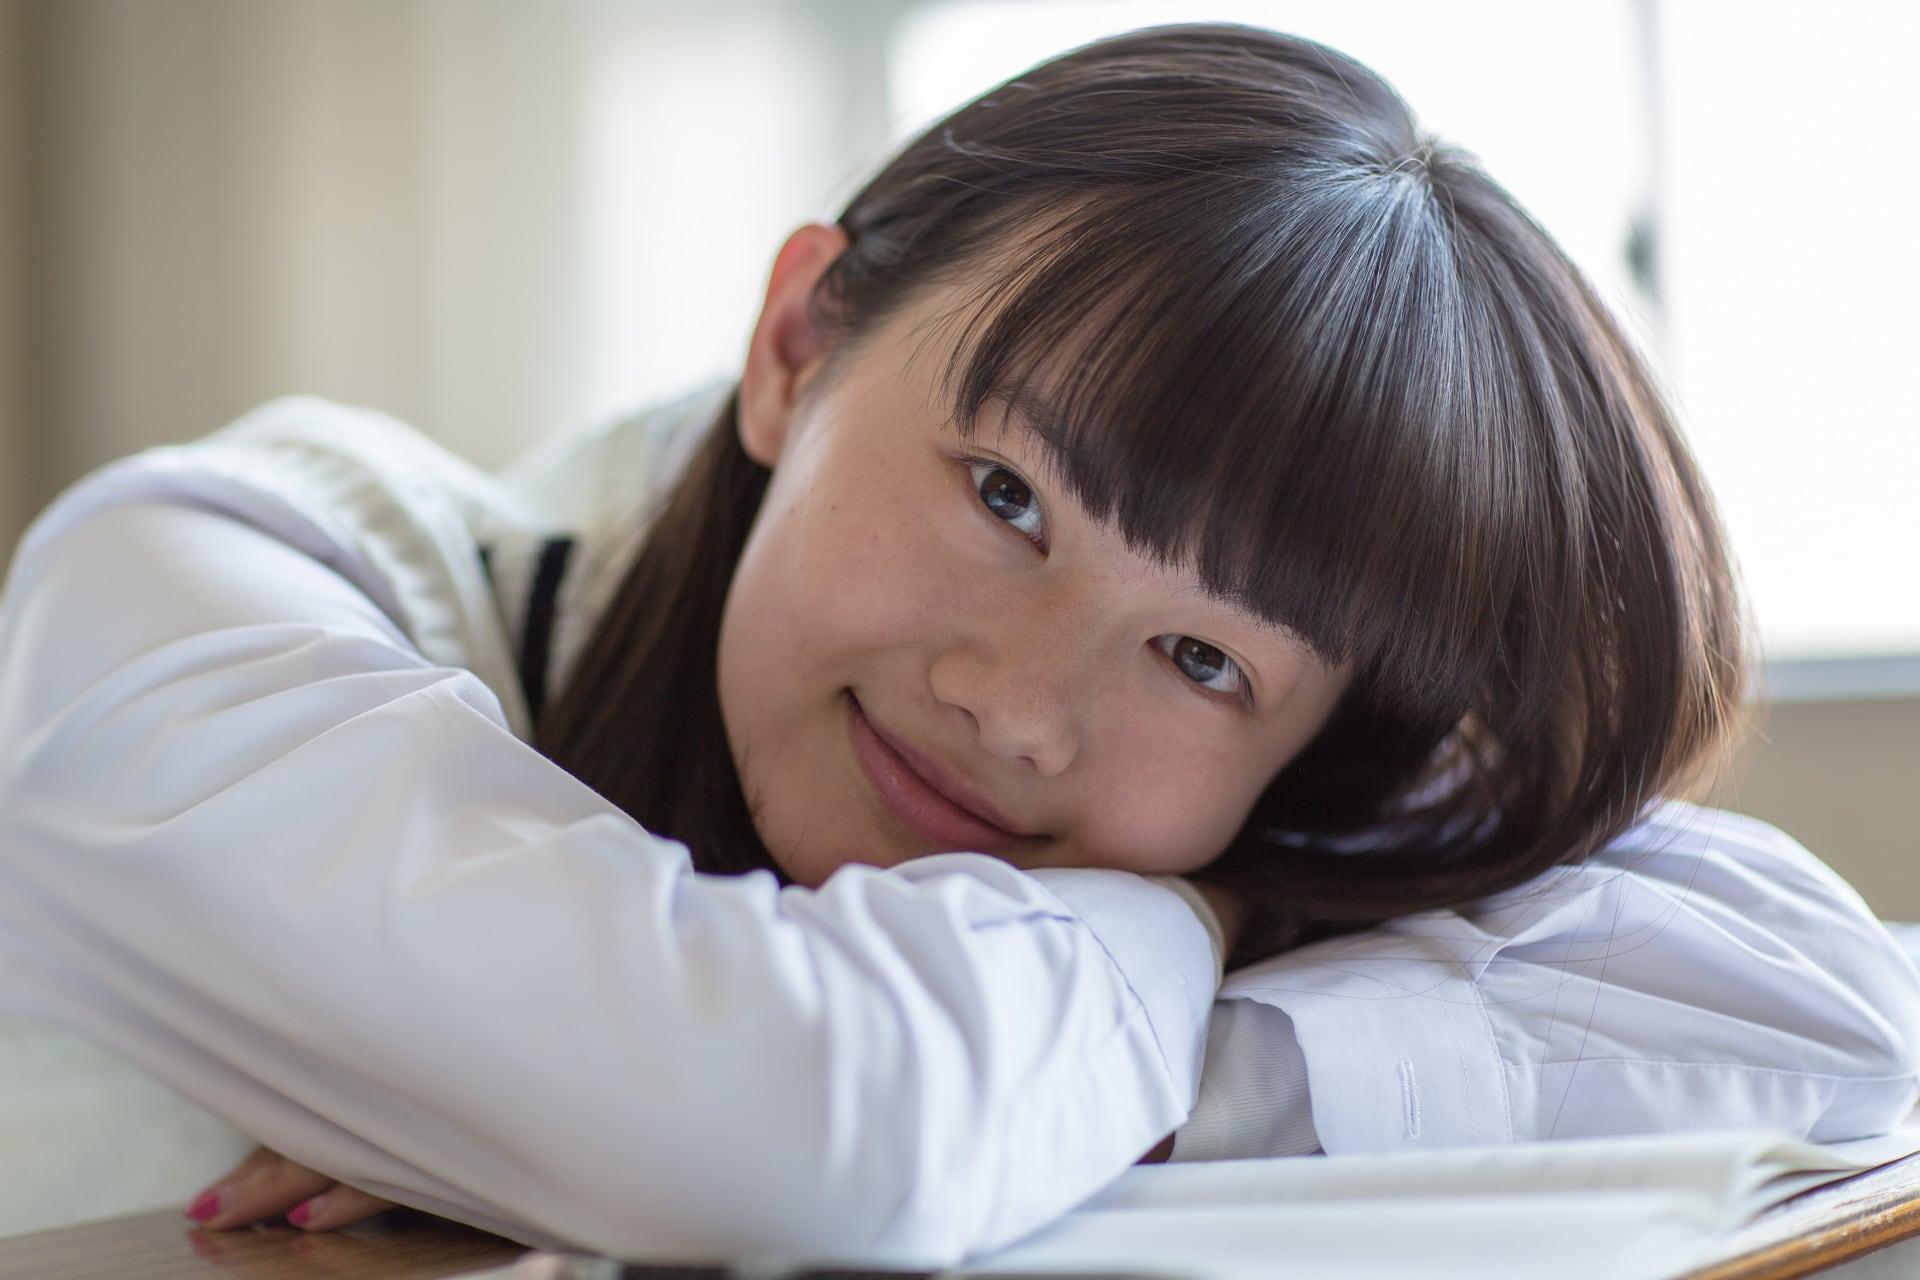 【小中学生】♪美少女らいすっき♪ 328 【天てれ・子役・素人・ボゴOK】YouTube動画>23本 ->画像>1620枚